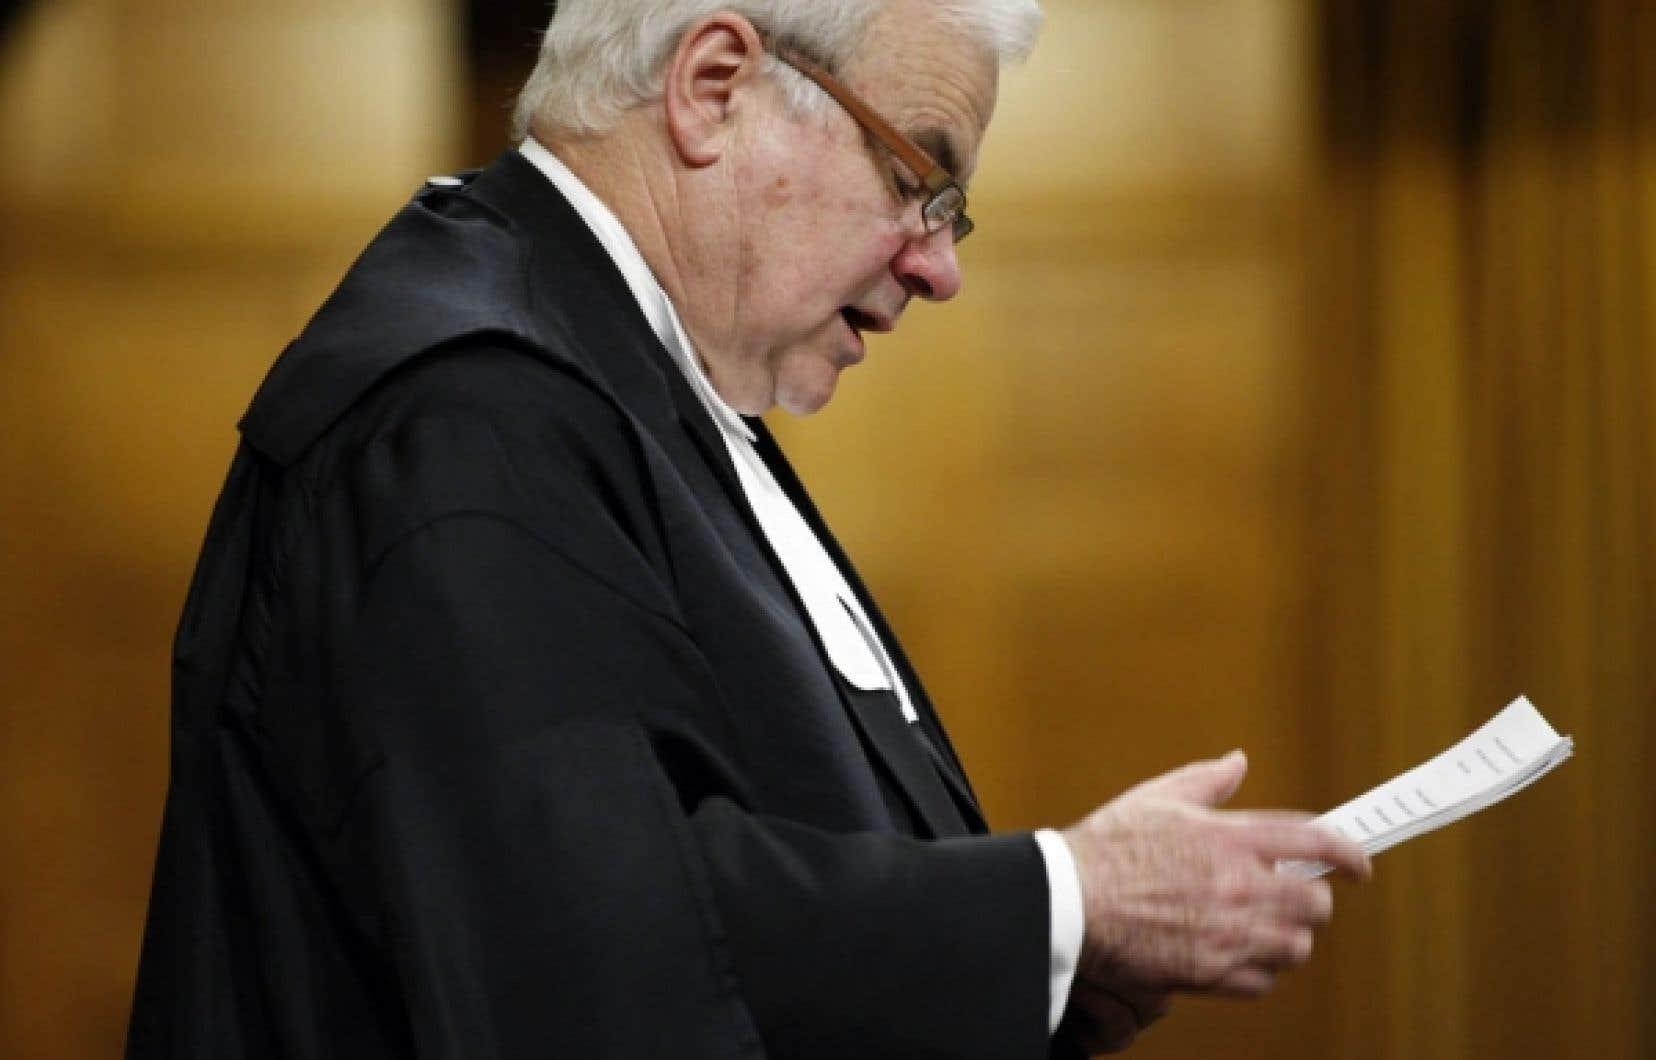 Le président de la Chambre des communes, Peter Milliken, a rappelé hier, dans une décision très attendue, que le Parlement détient le privilège incontestable d'obliger le gouvernement à rendre compte de ses actes.